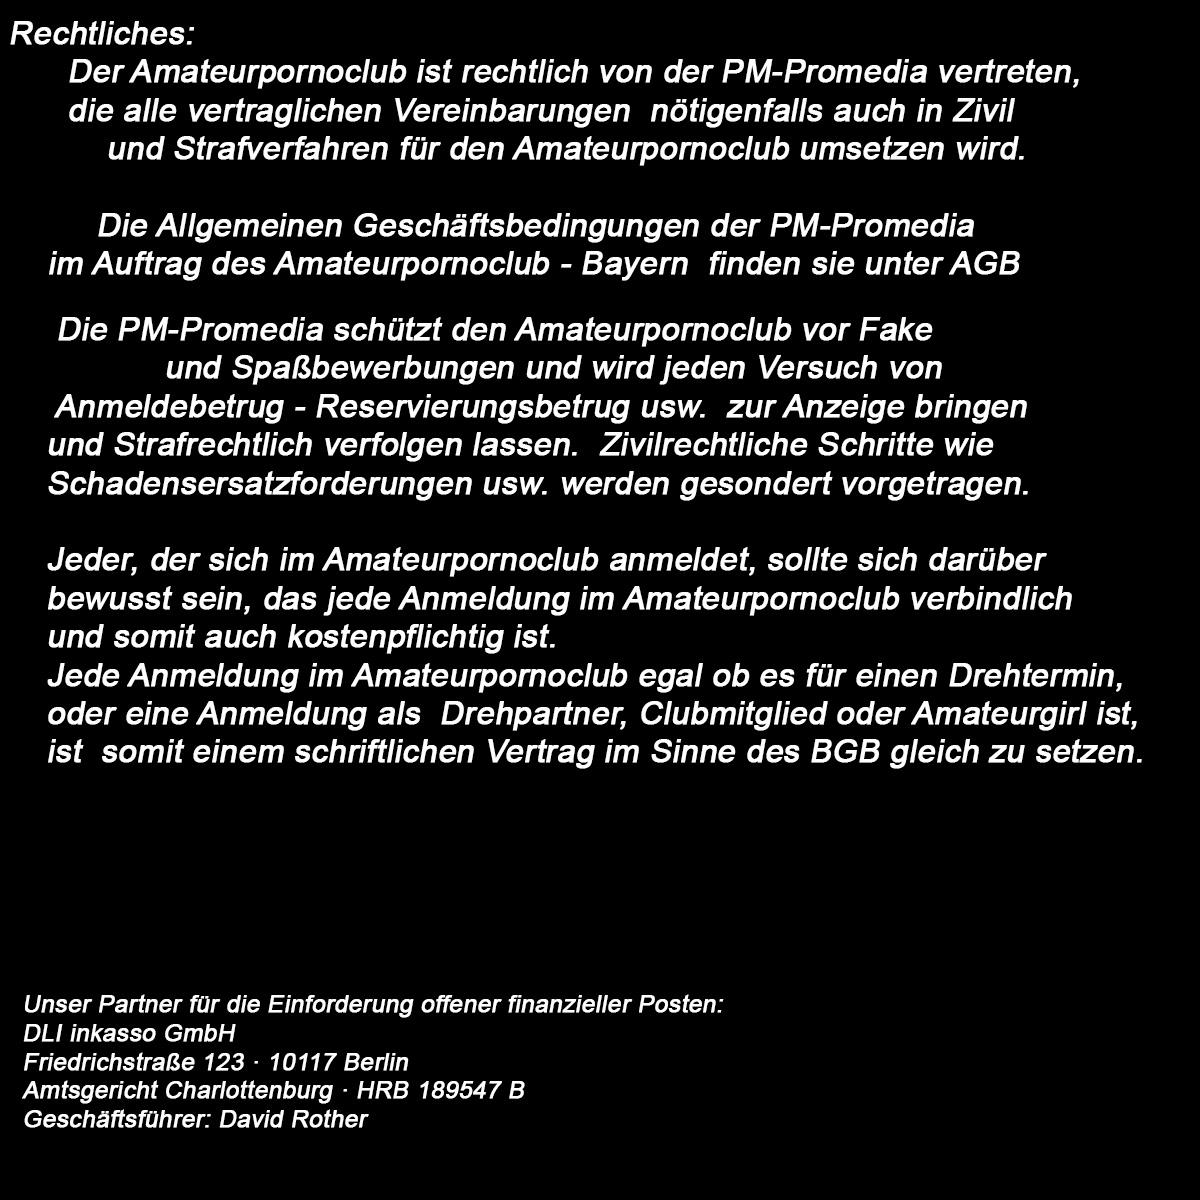 https://amateurpornoclub.net/Werbung/recht-recht.jpg